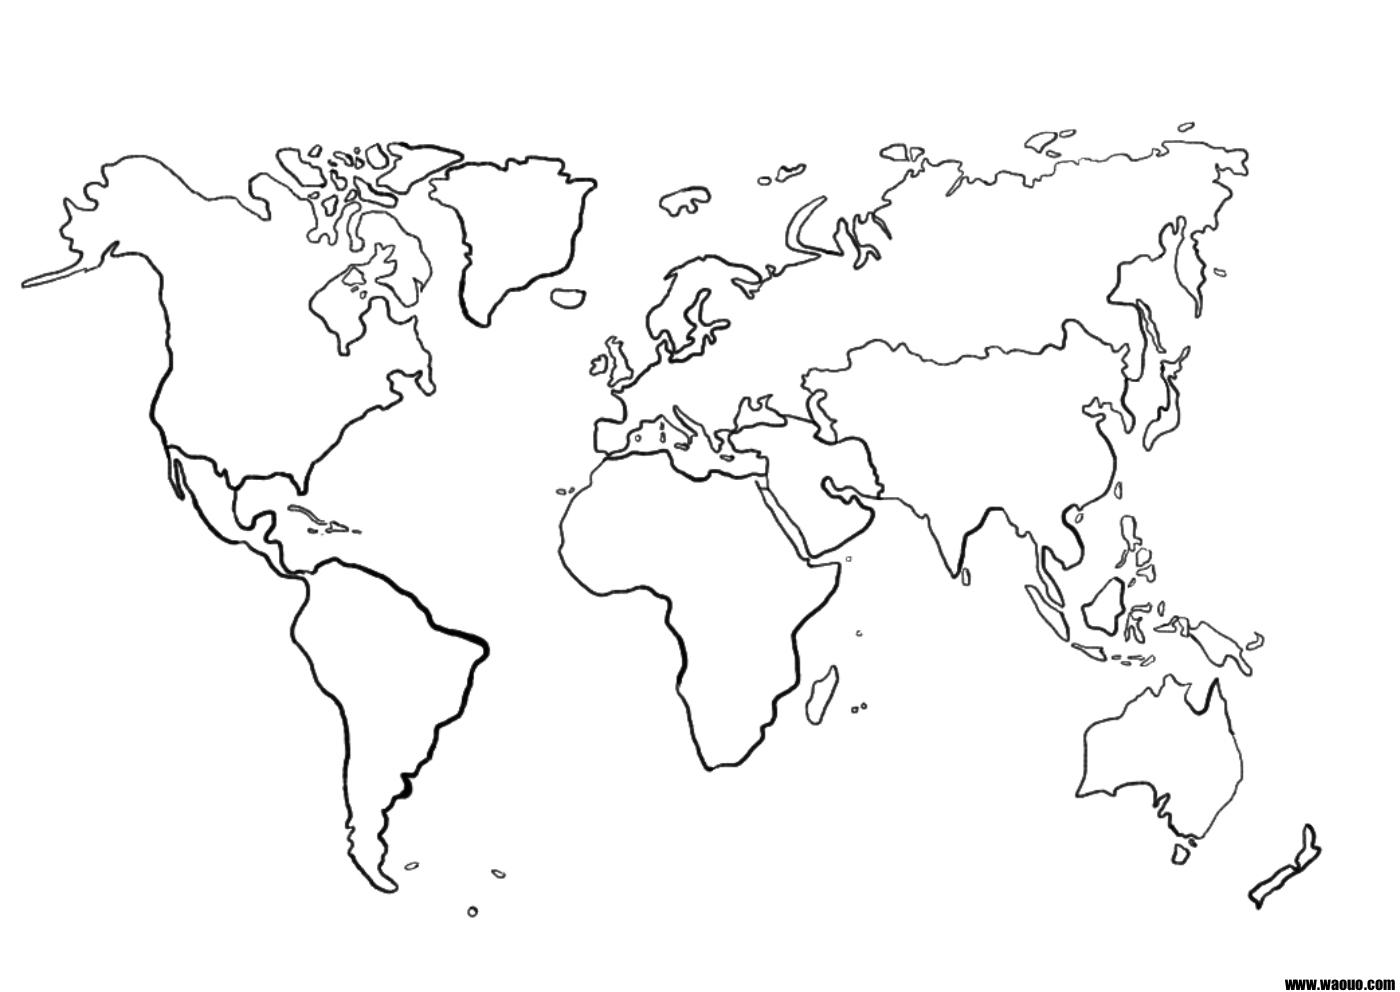 Une Carte Du Monde (Mappemonde) Vierge Pour La Géographie À dedans Dessin Mappemonde